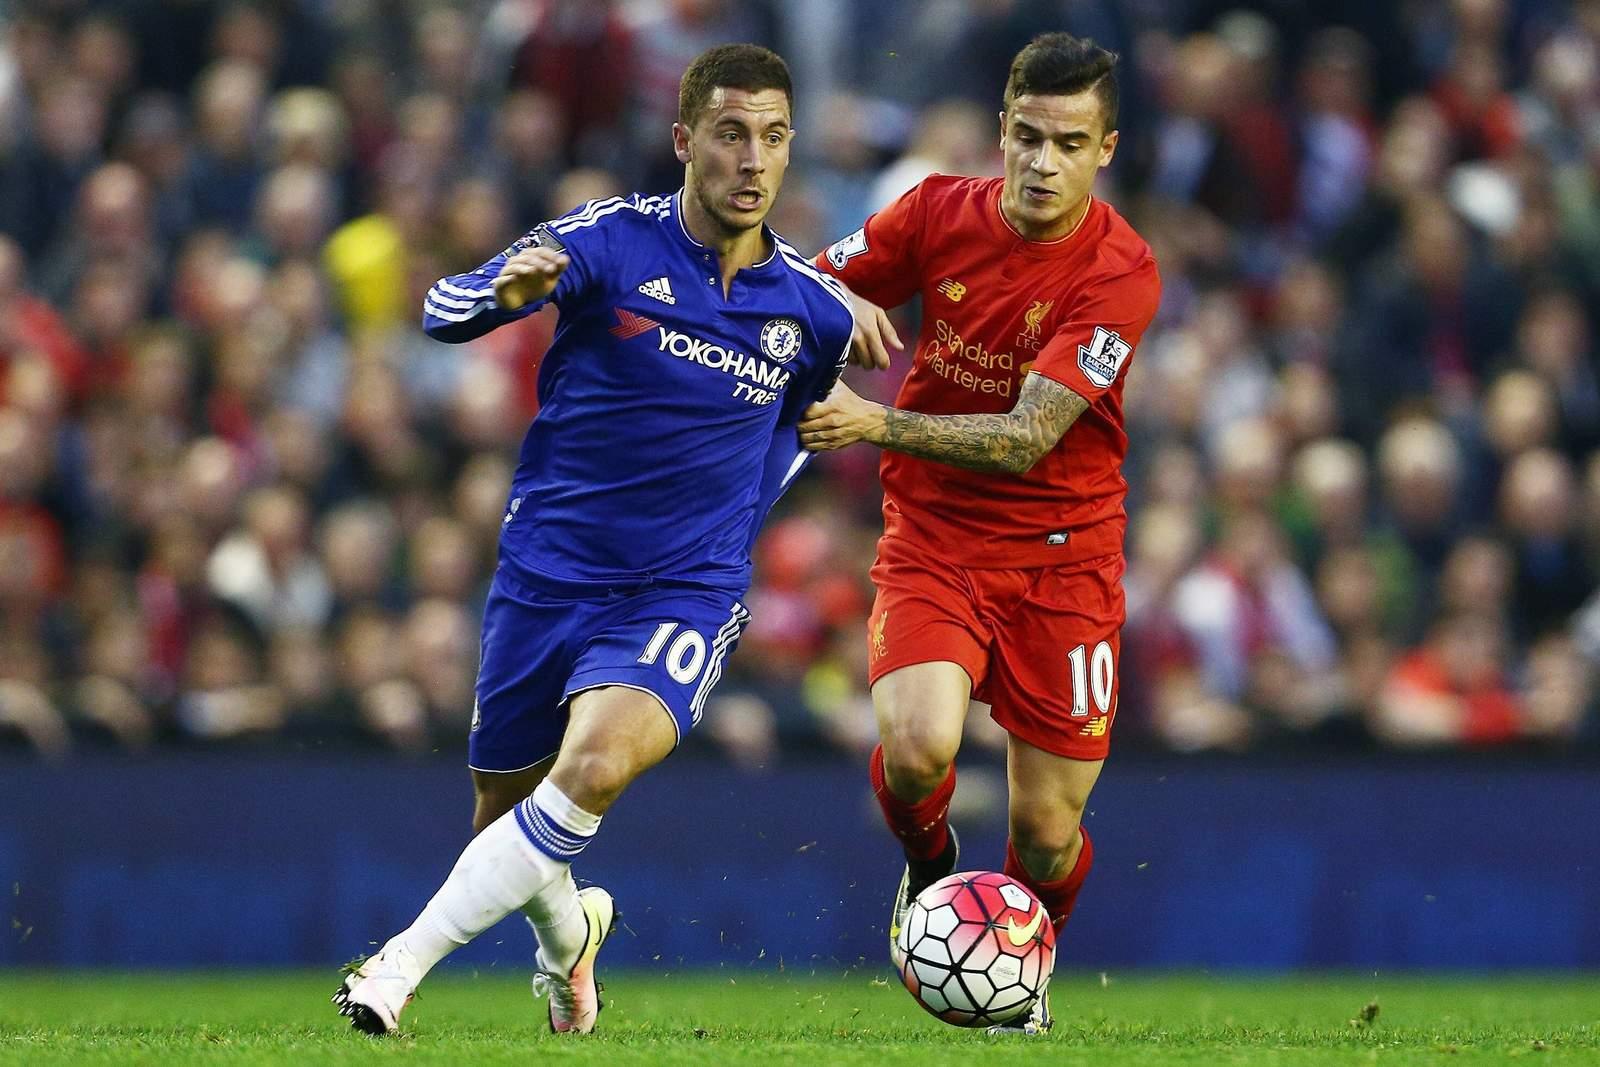 Laufduell zwischen Hazard und Coutinho. Jetzt auf Liverpool gegen Chelsea wetten!